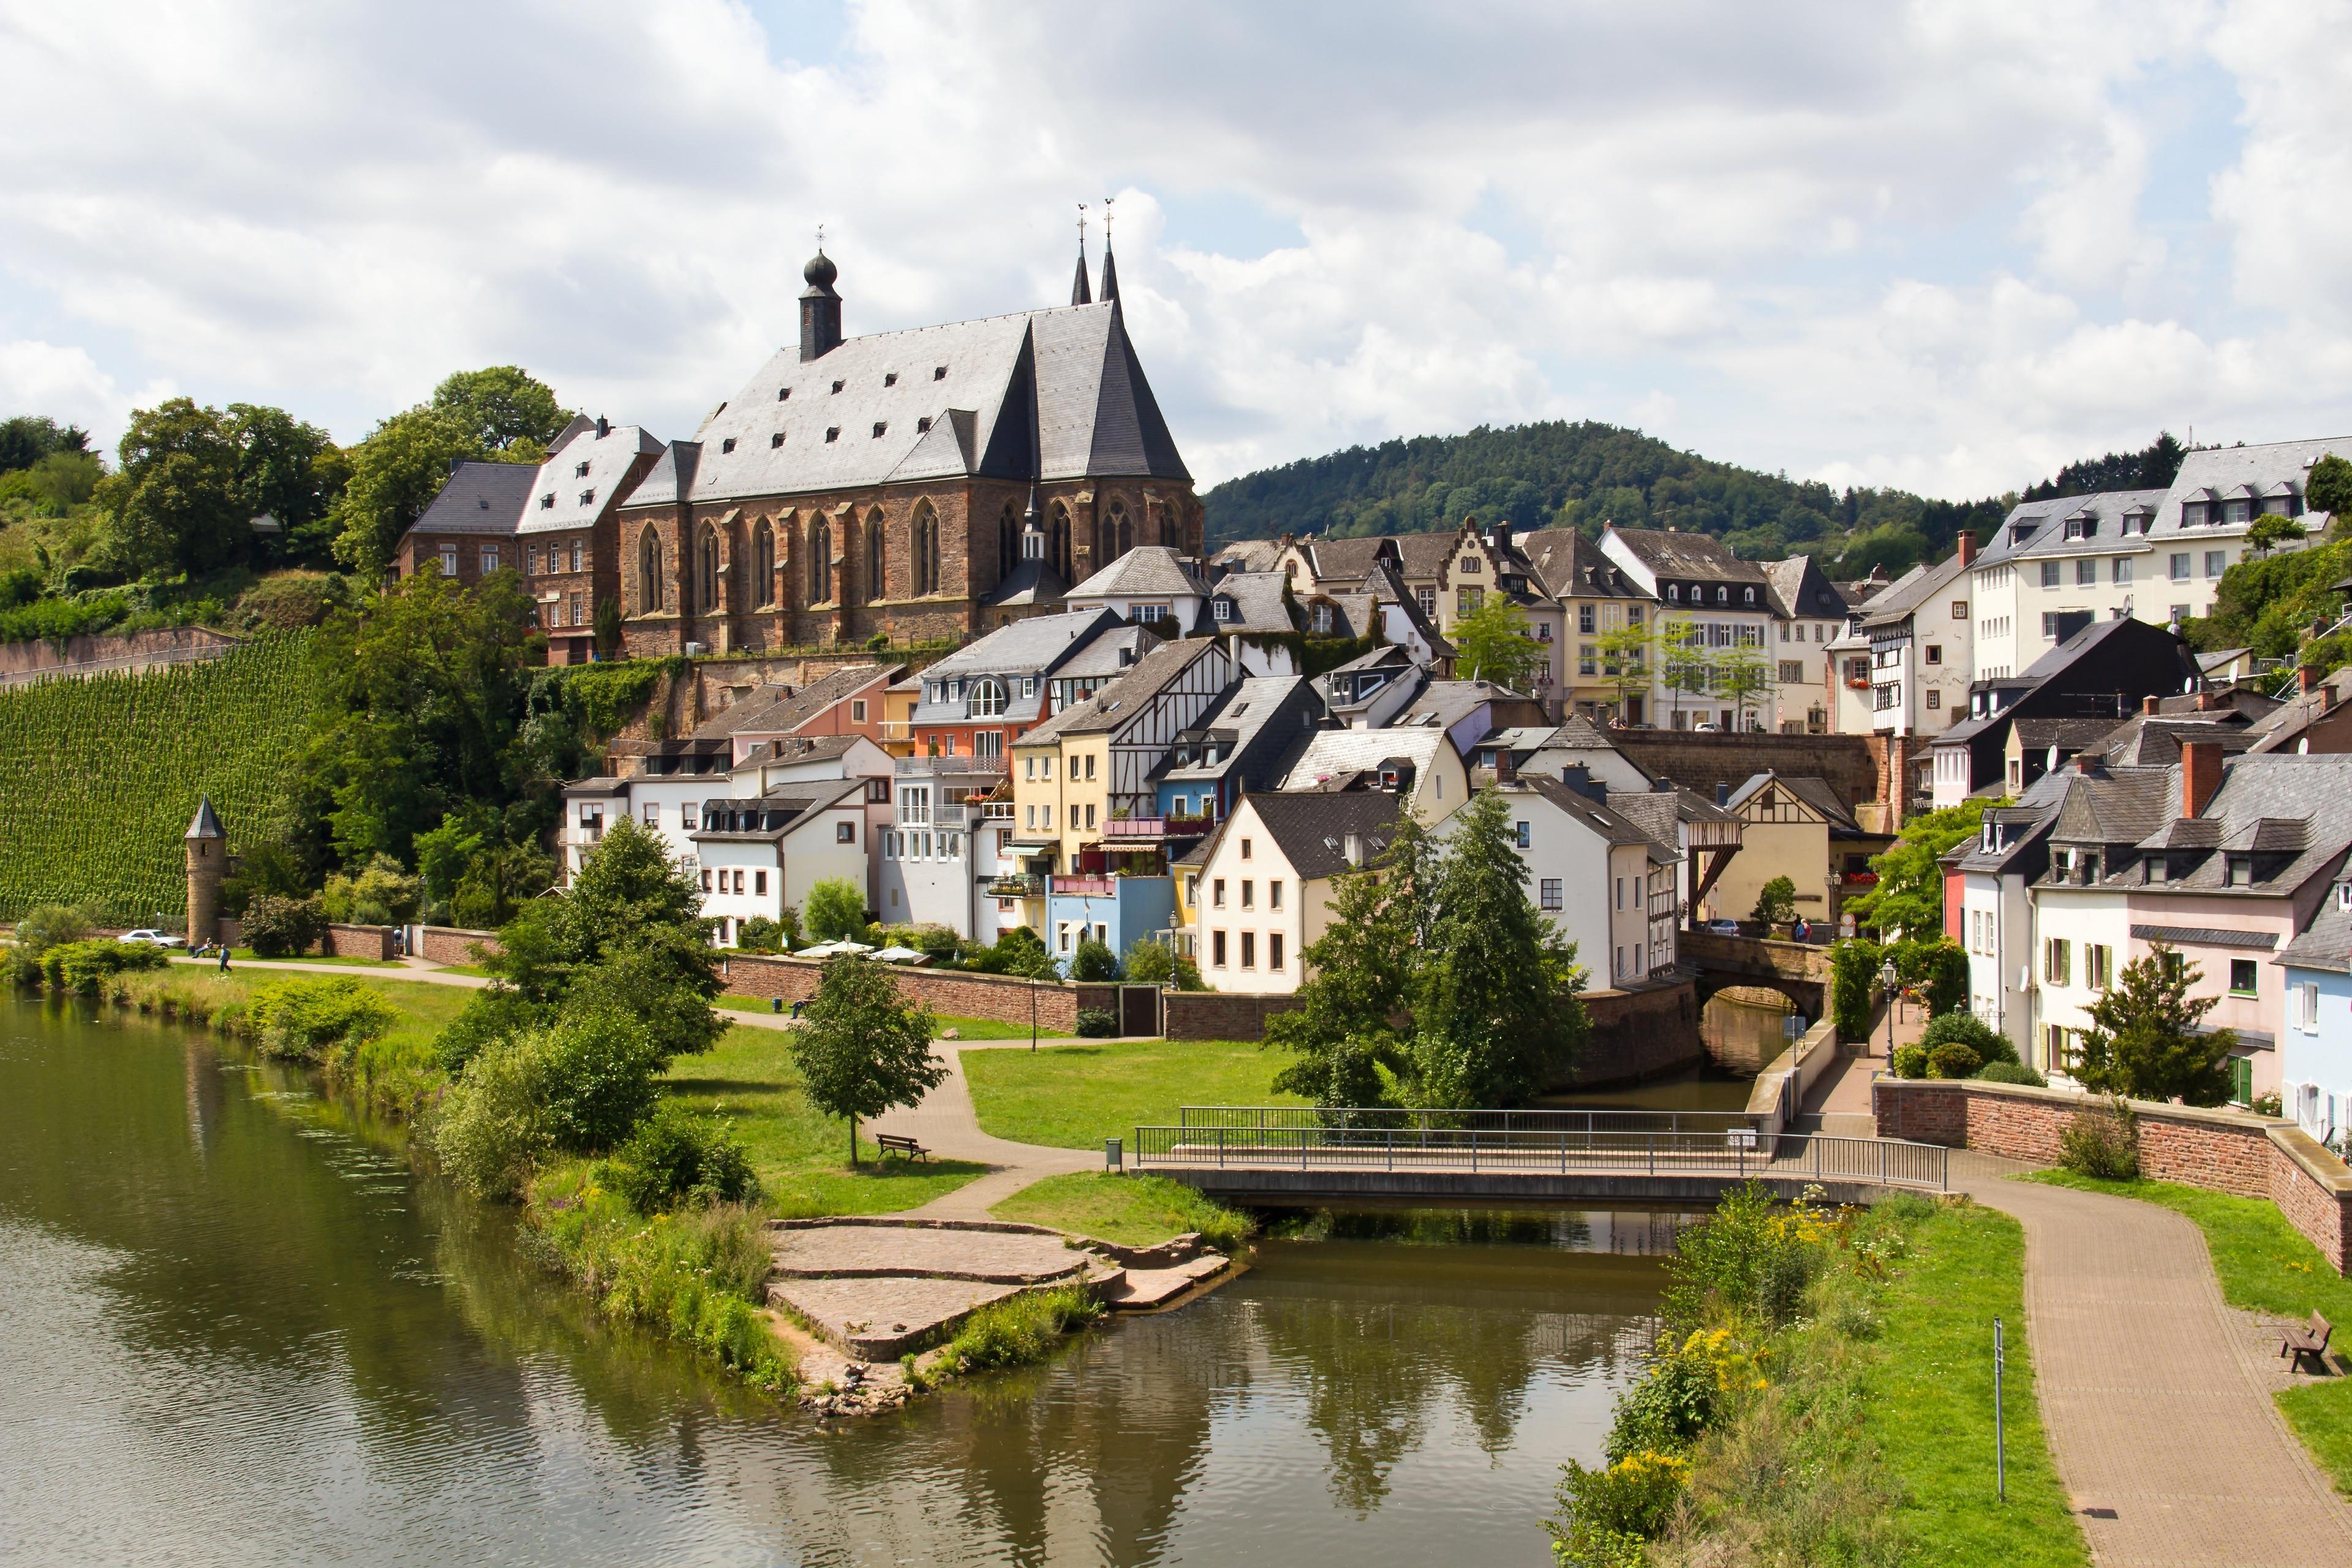 Saarburg, Rheinland-Pfalz, Deutschland